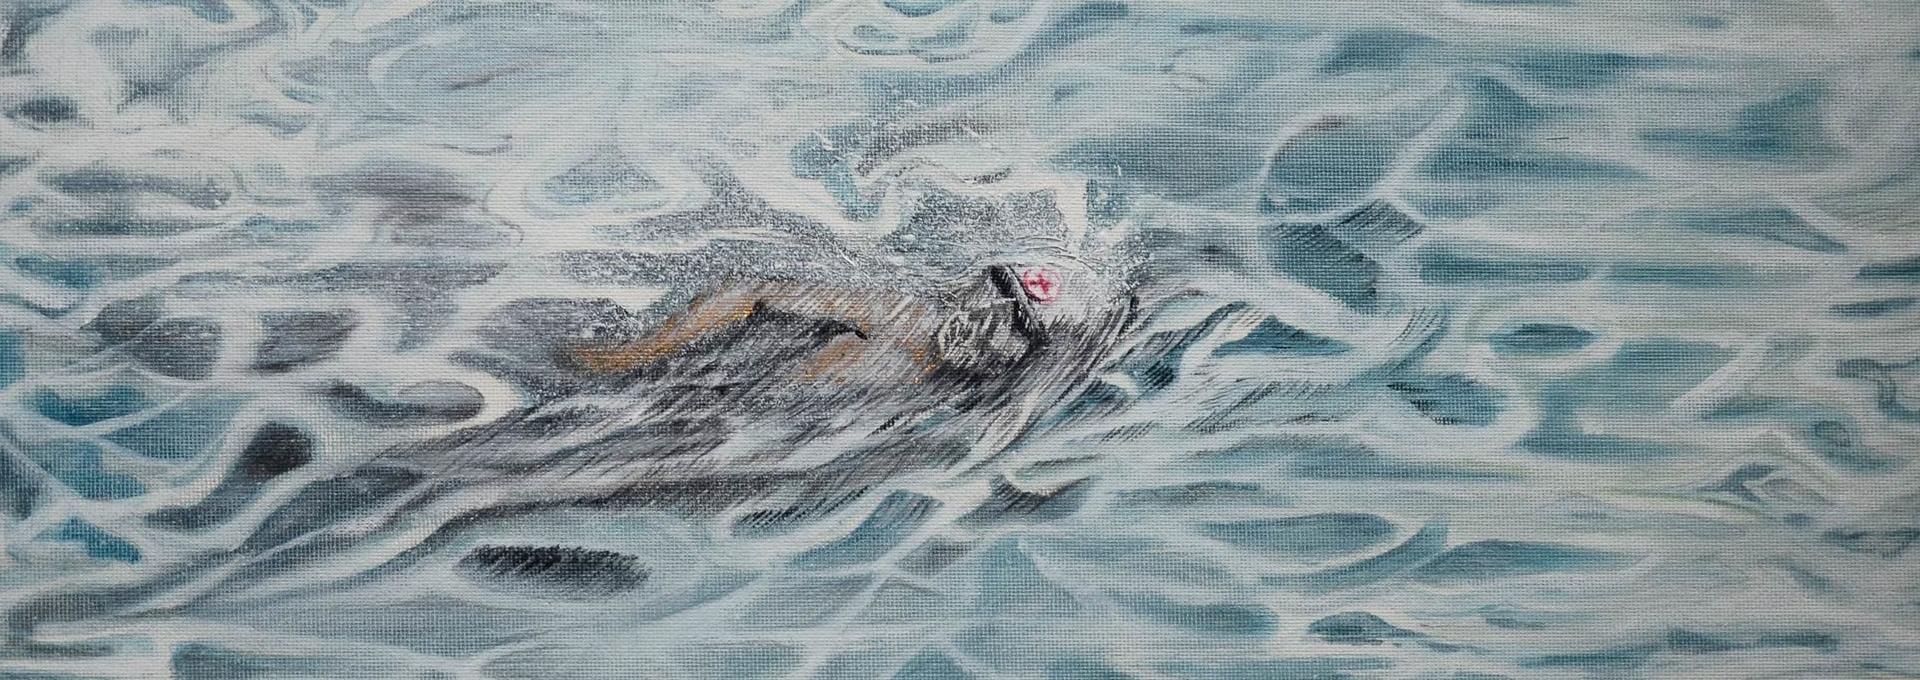 Der Retungsschwimmer